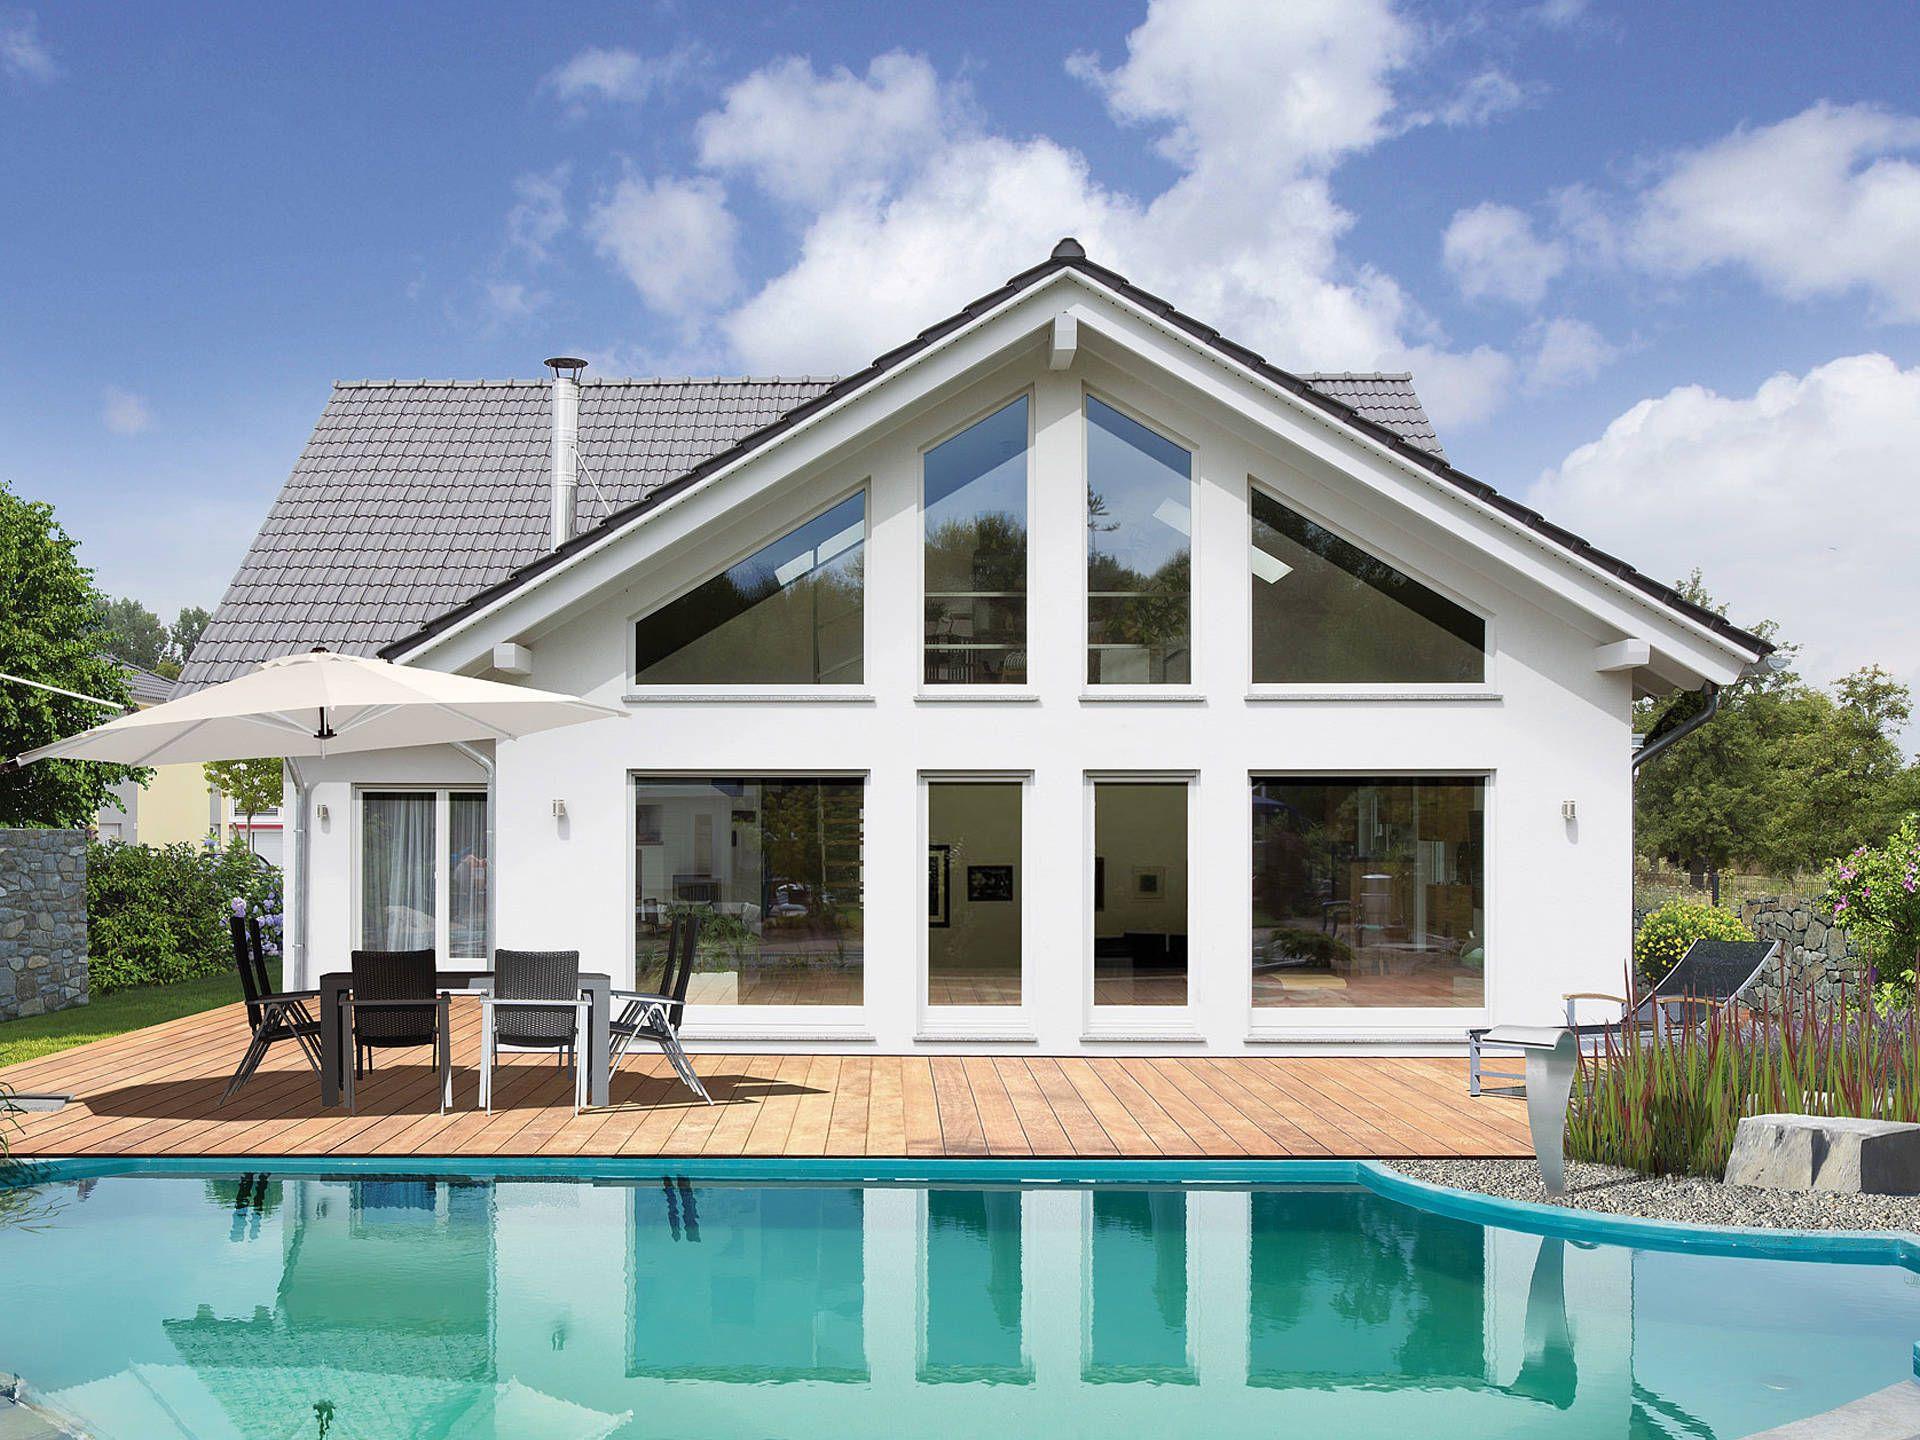 L16710 • Fertighaus von Fingerhut Haus • Modernes